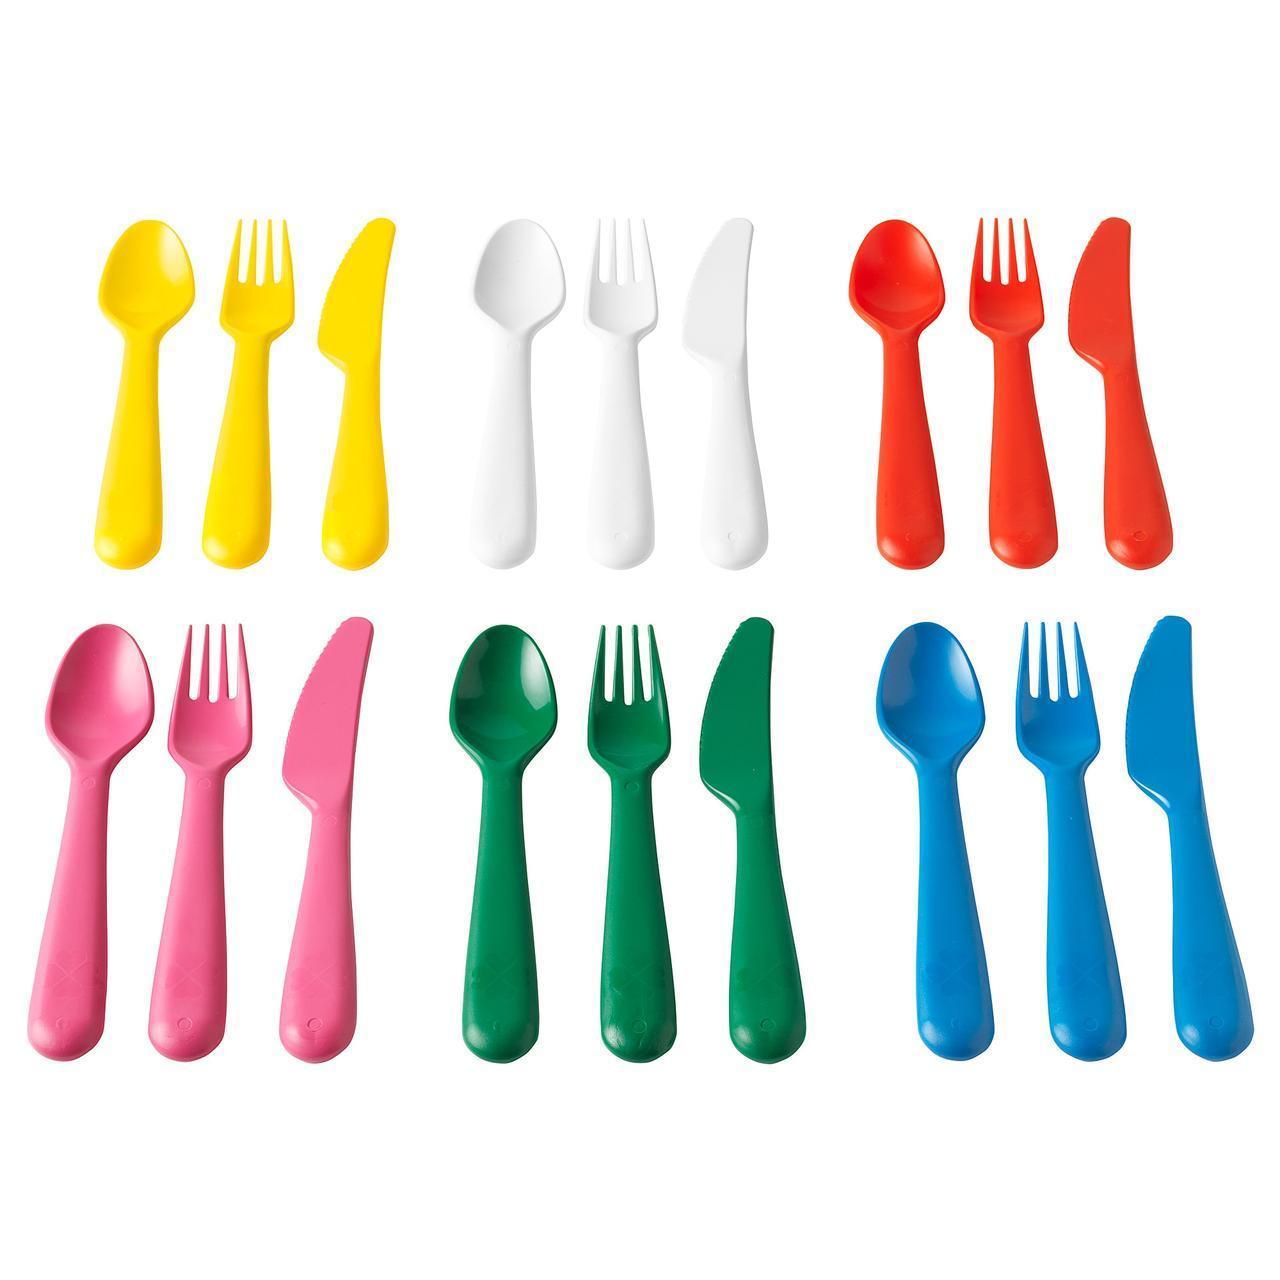 Набор детских столовых приборов IKEA KALAS 18 шт разноцветные 804.213.32